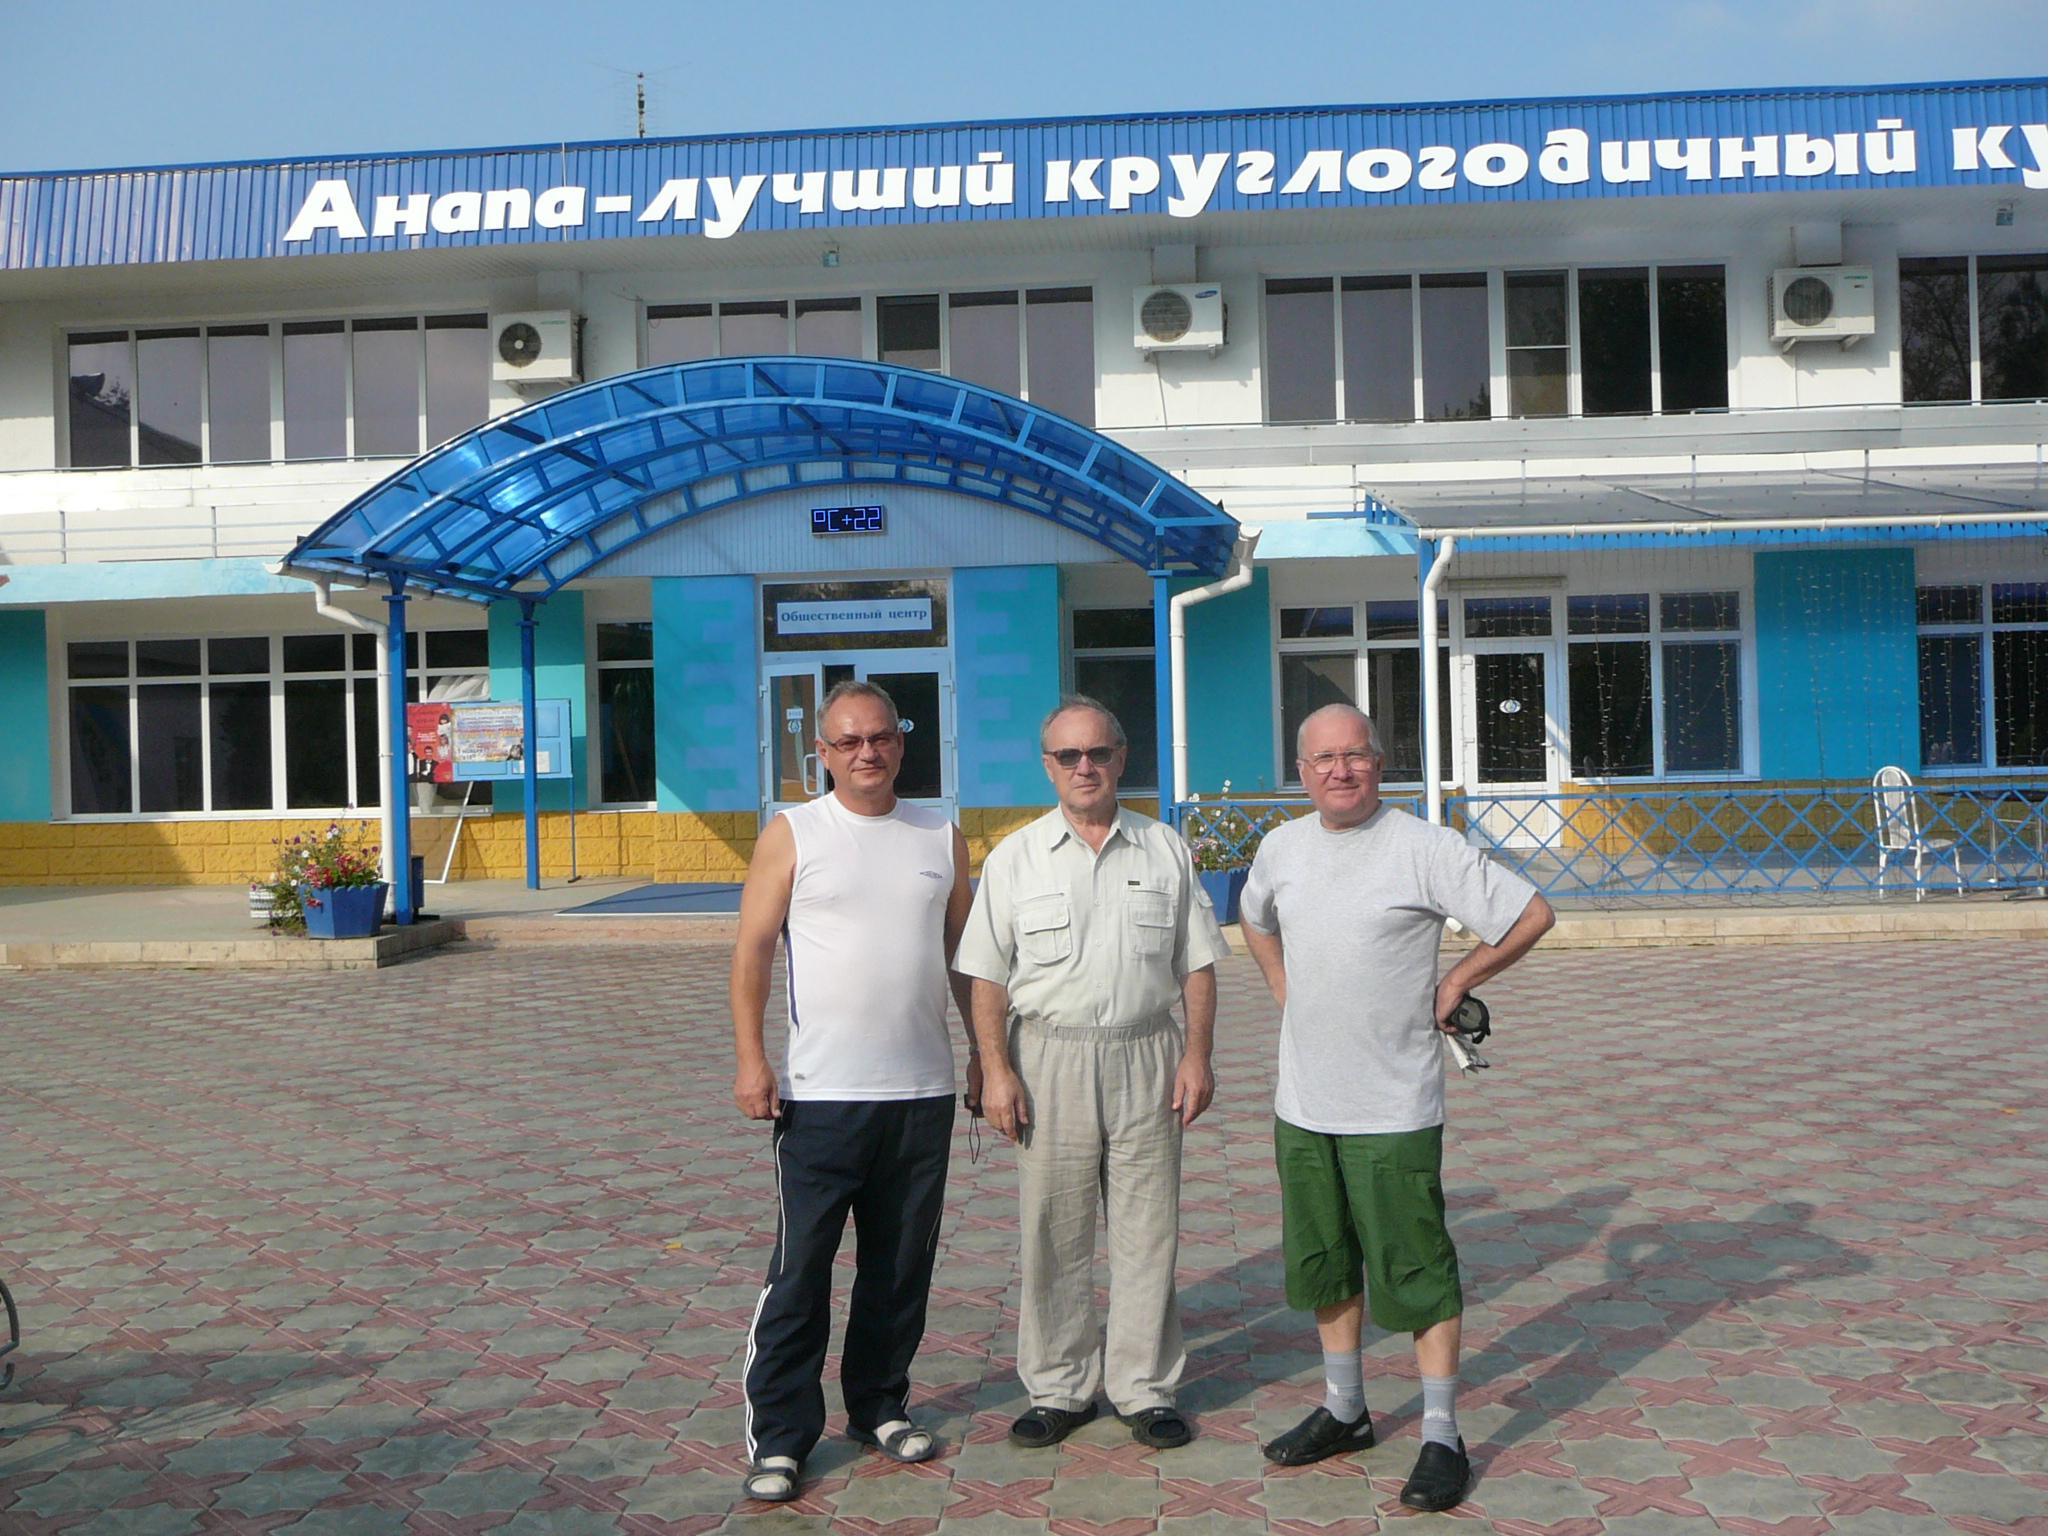 Фото отдыхающих в доме отдыха пограничник россии в анапе 5